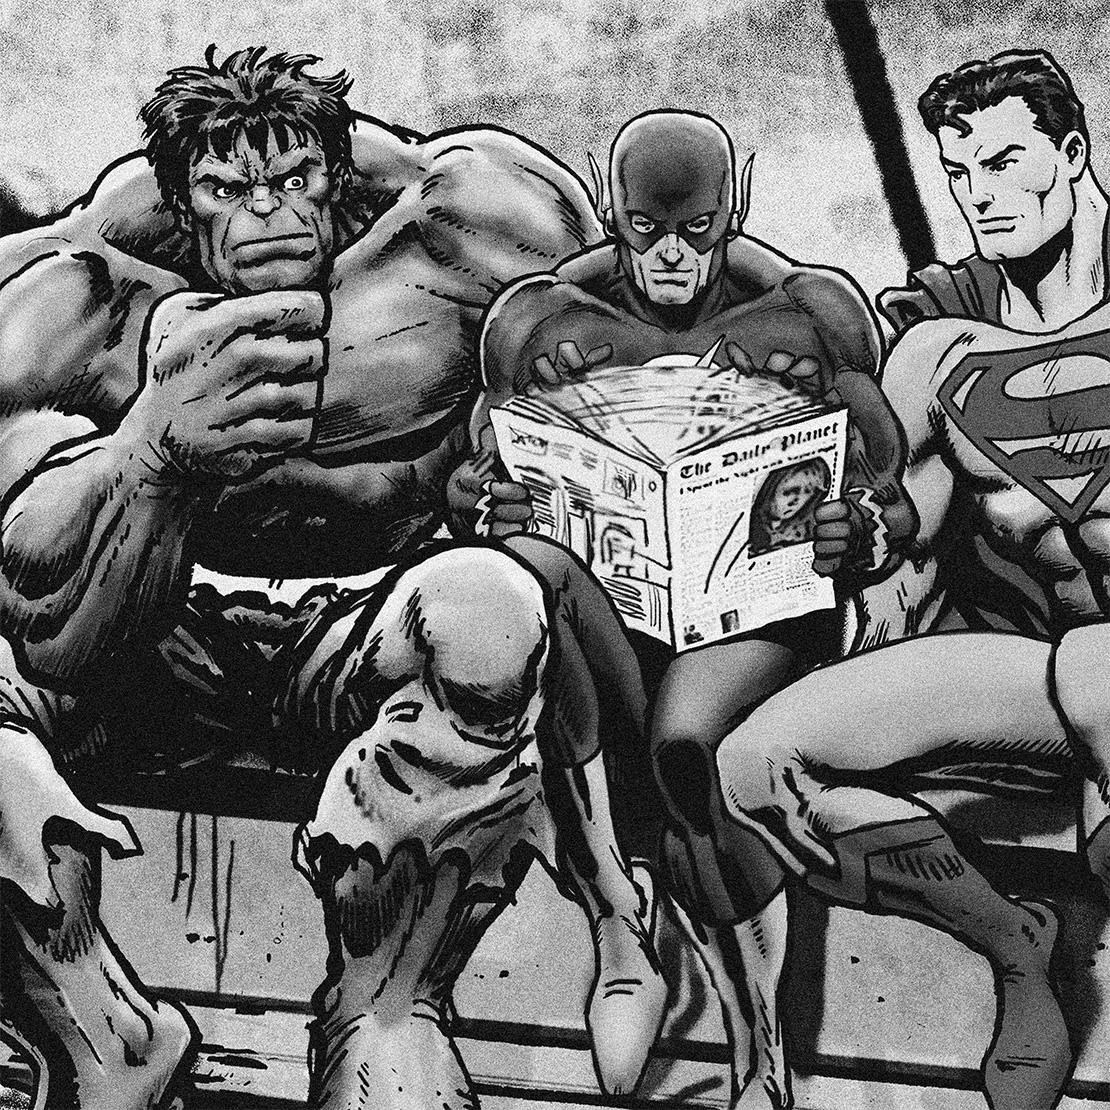 BOSnip-hulk-superman.jpg